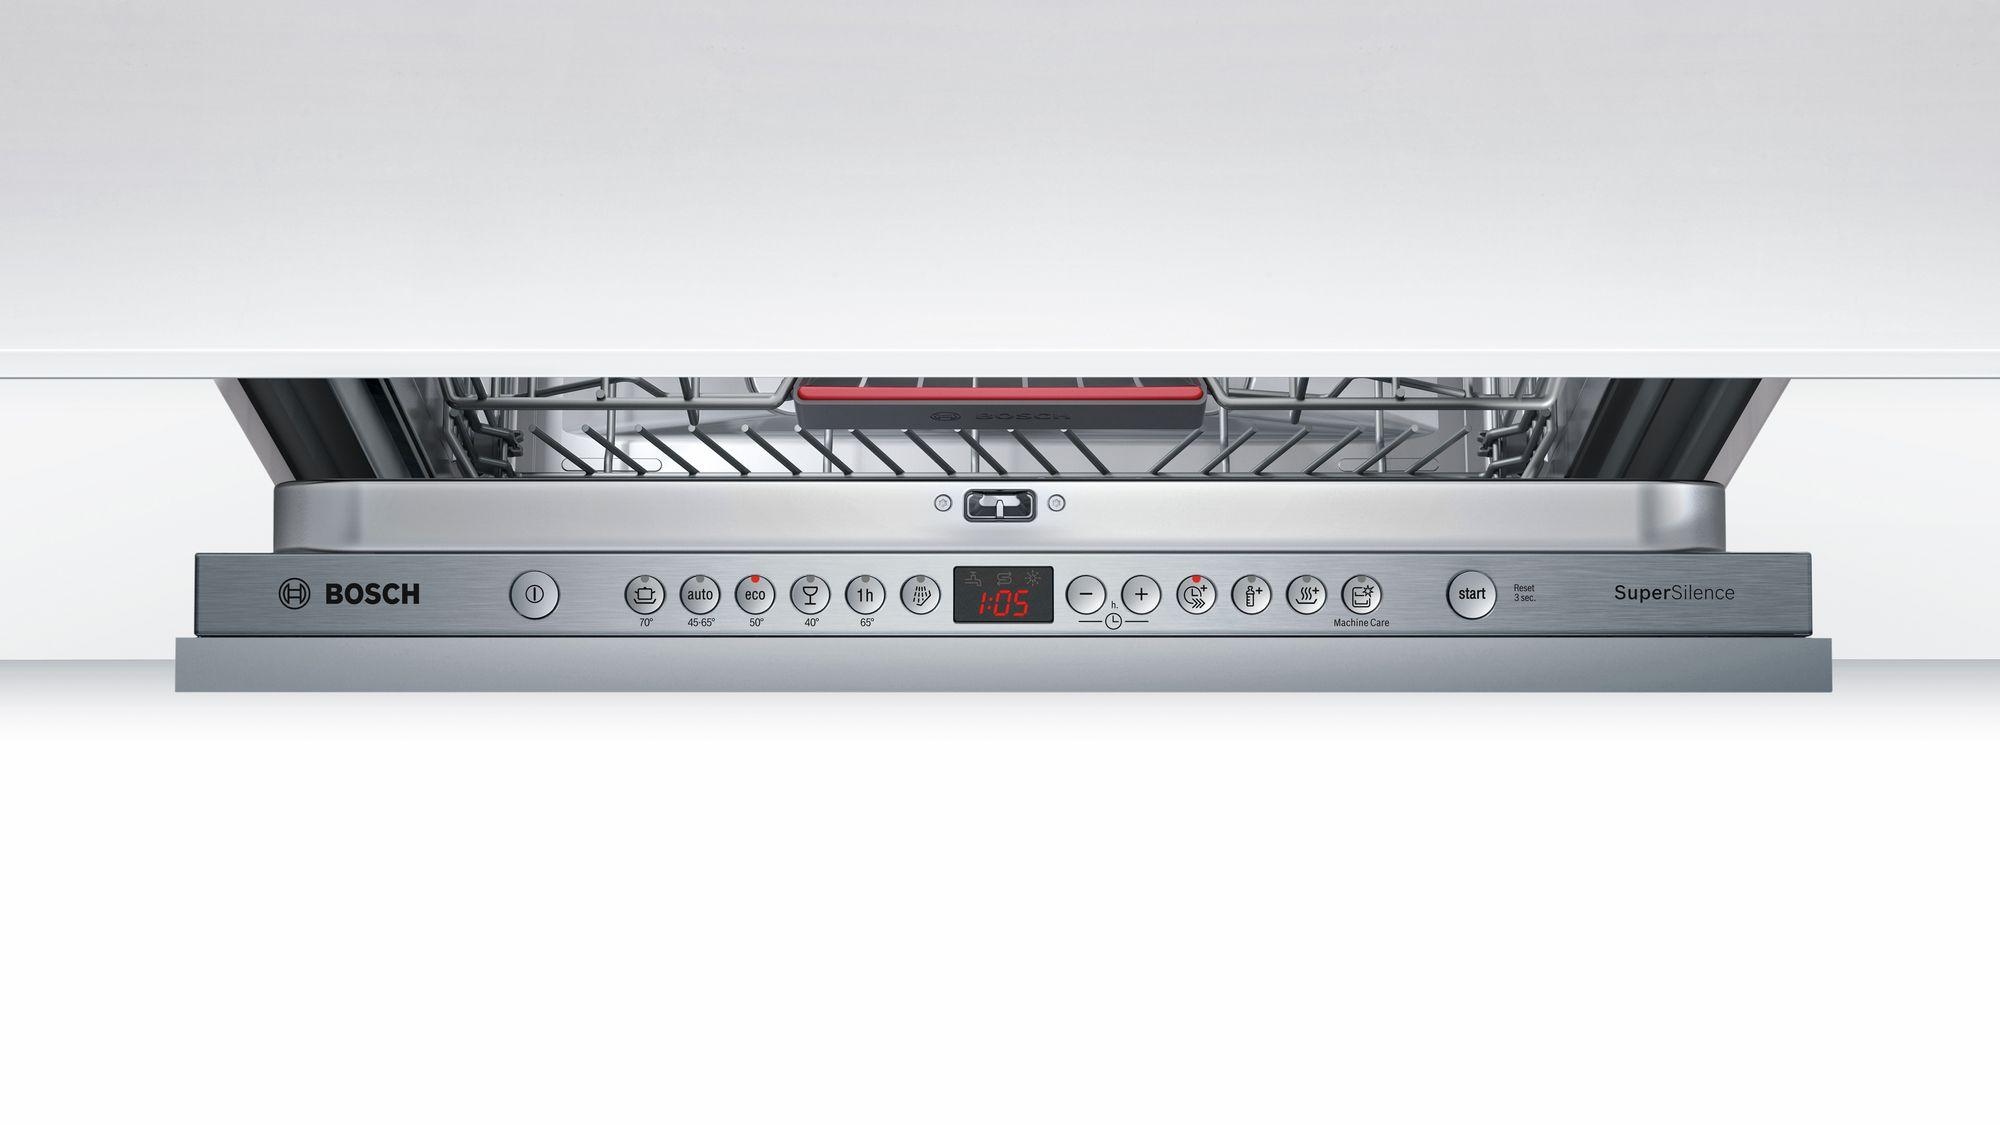 Serie | 4 SuperSilence mašina za pranje sudova, 60 cm Potpuno ugradni sa OpenAssist